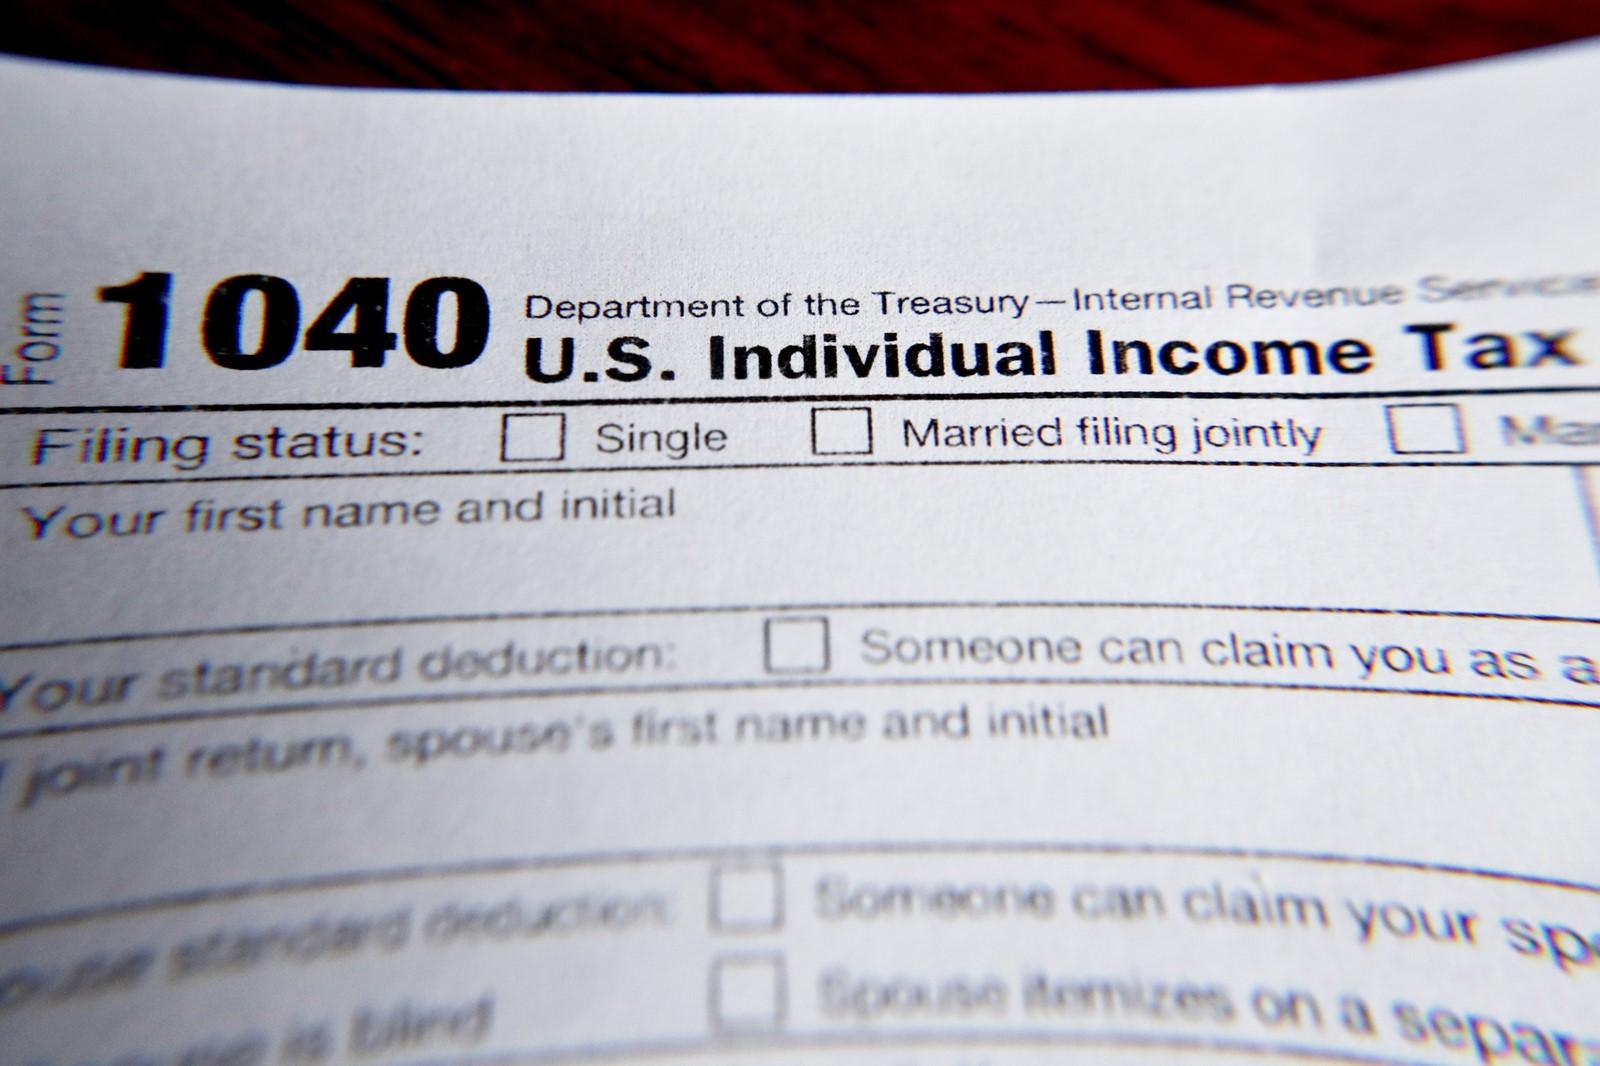 VP_IC_1011022302_1011176712_003-0215_ib-tax-small-business-0215.jpg